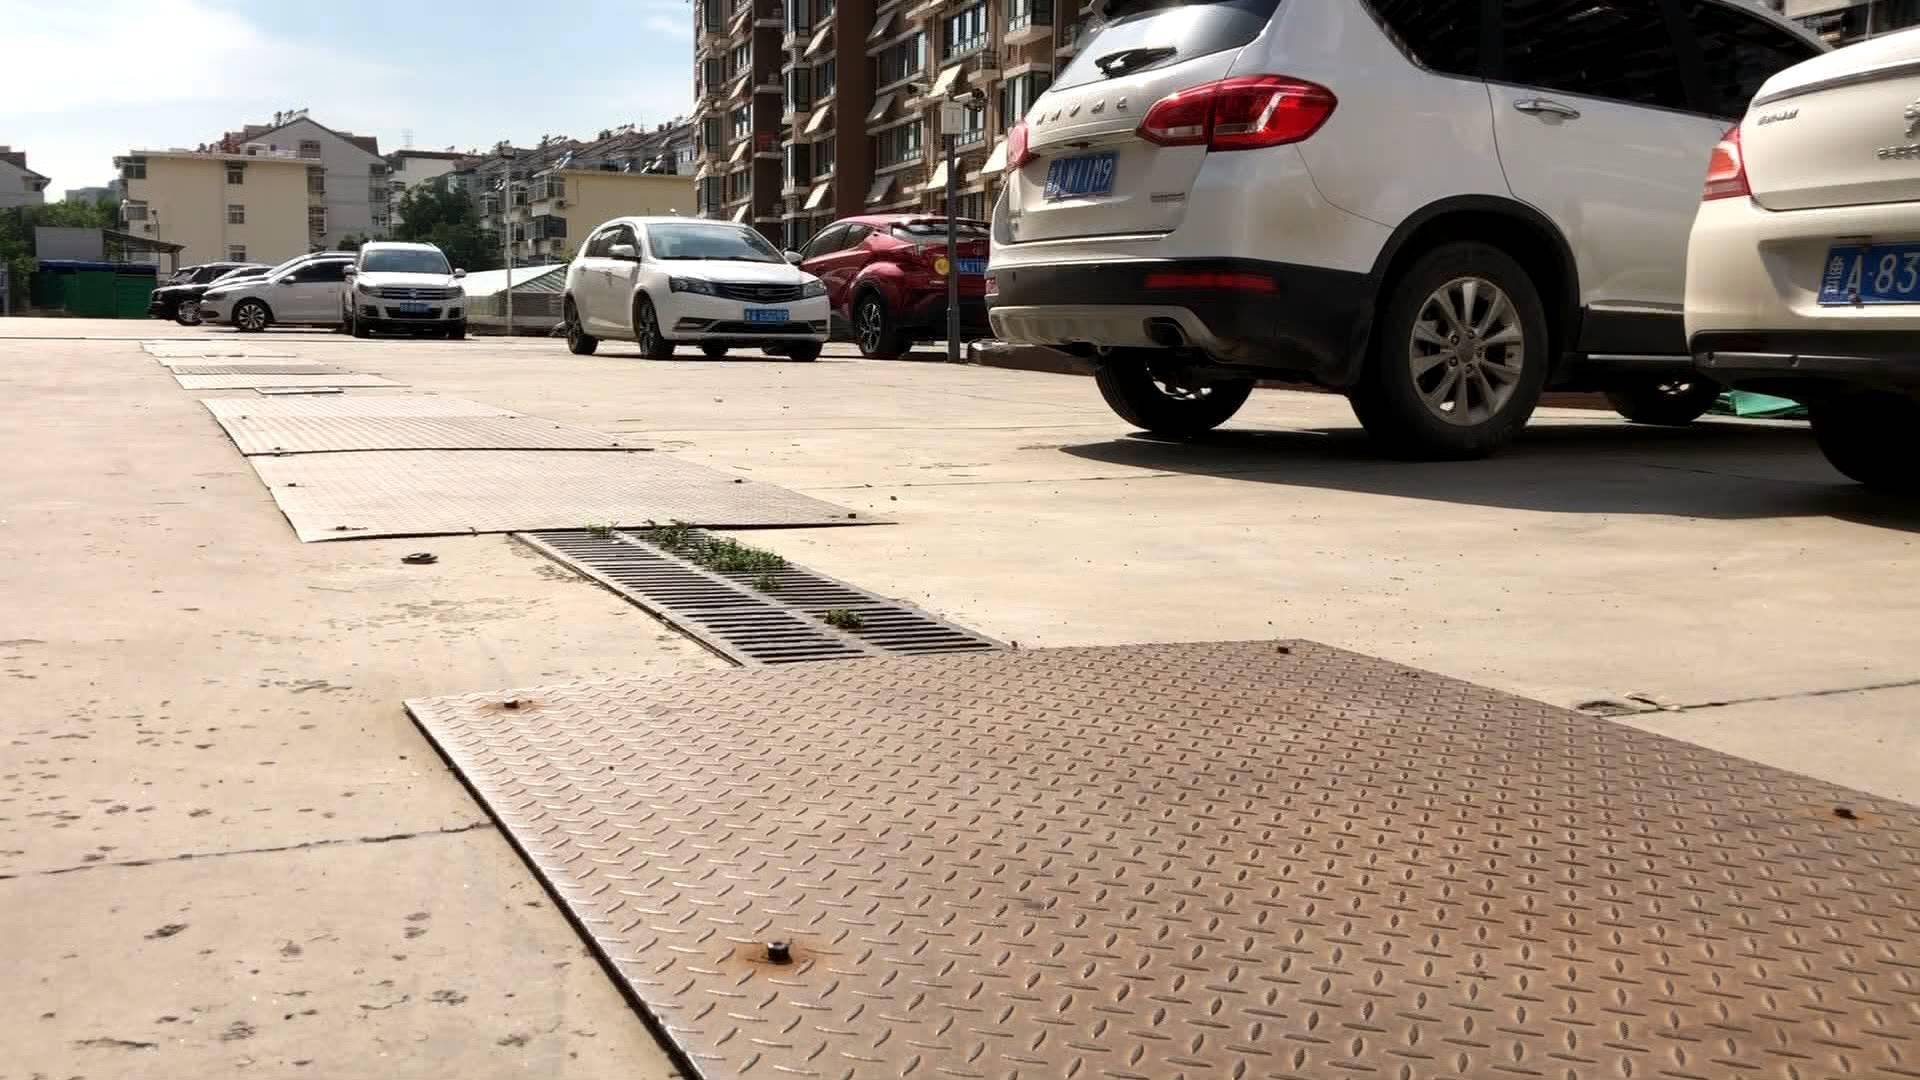 """闪电帮忙丨小区旁""""闹心""""停车场的问题初步解决:专人值守、规划车位、保证消防通道畅通"""